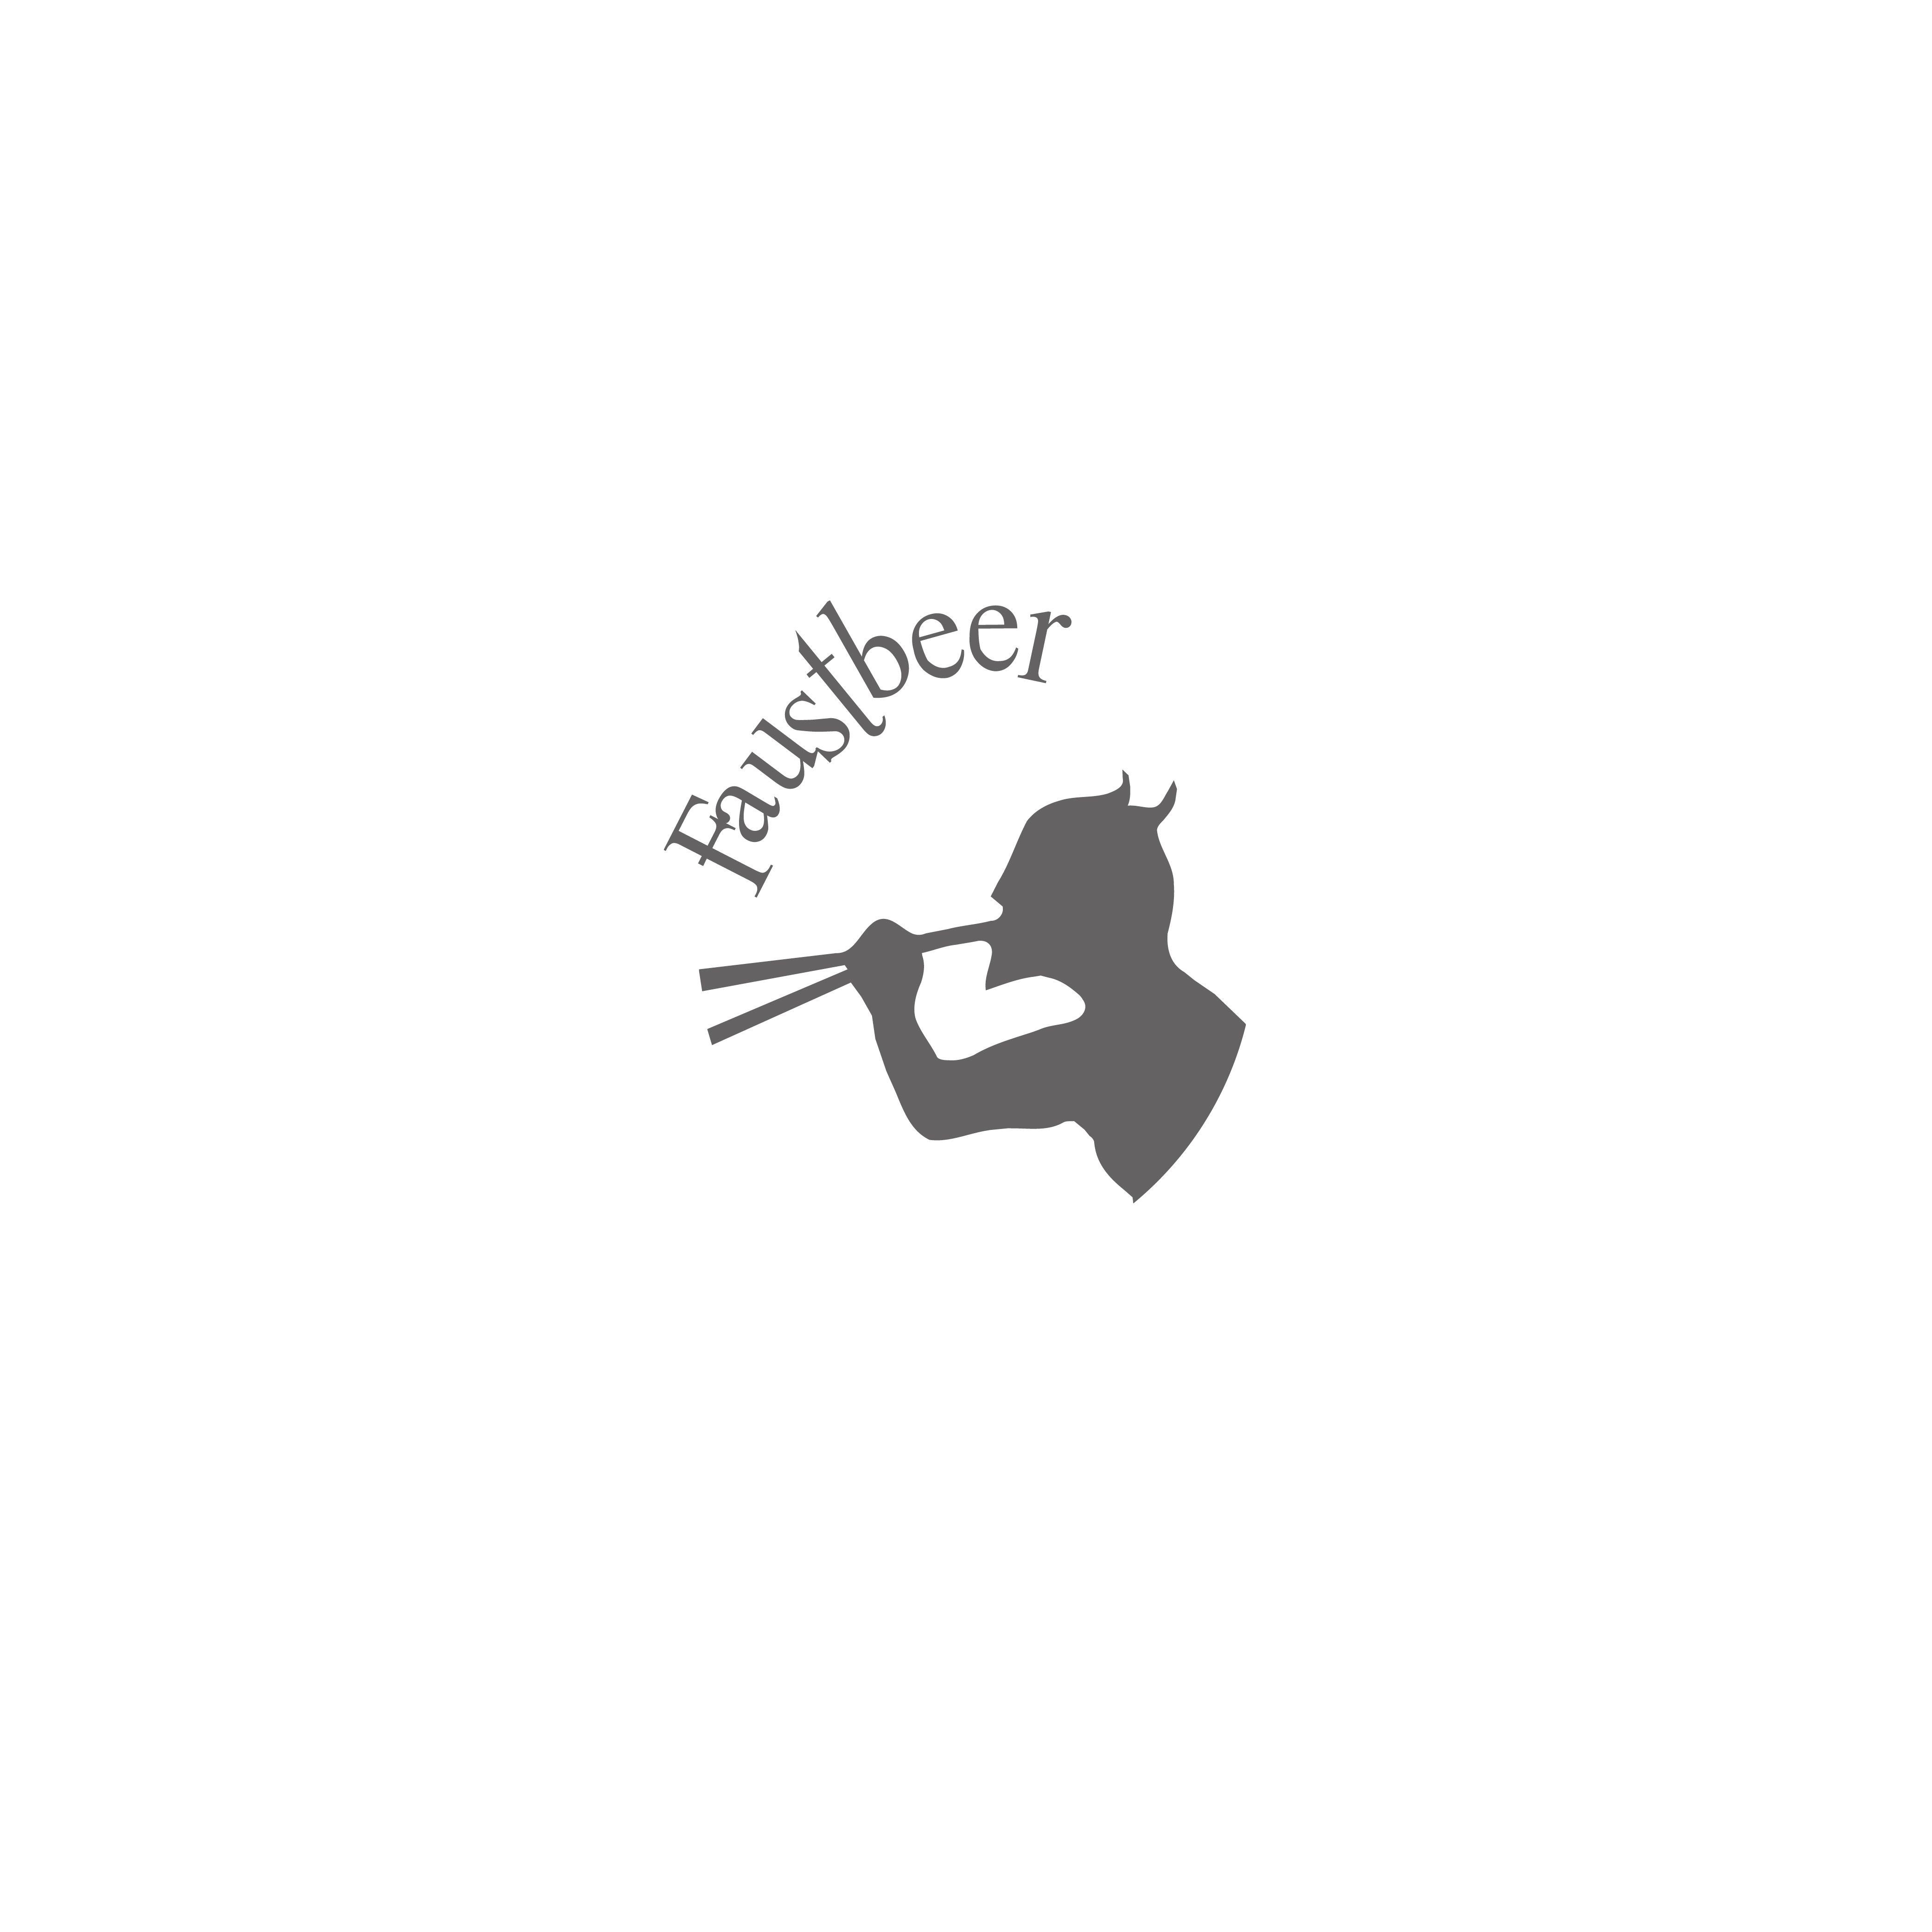 Faustbeer - Logo design for a craft beer : Logo u5546u6a19 : Pinterest